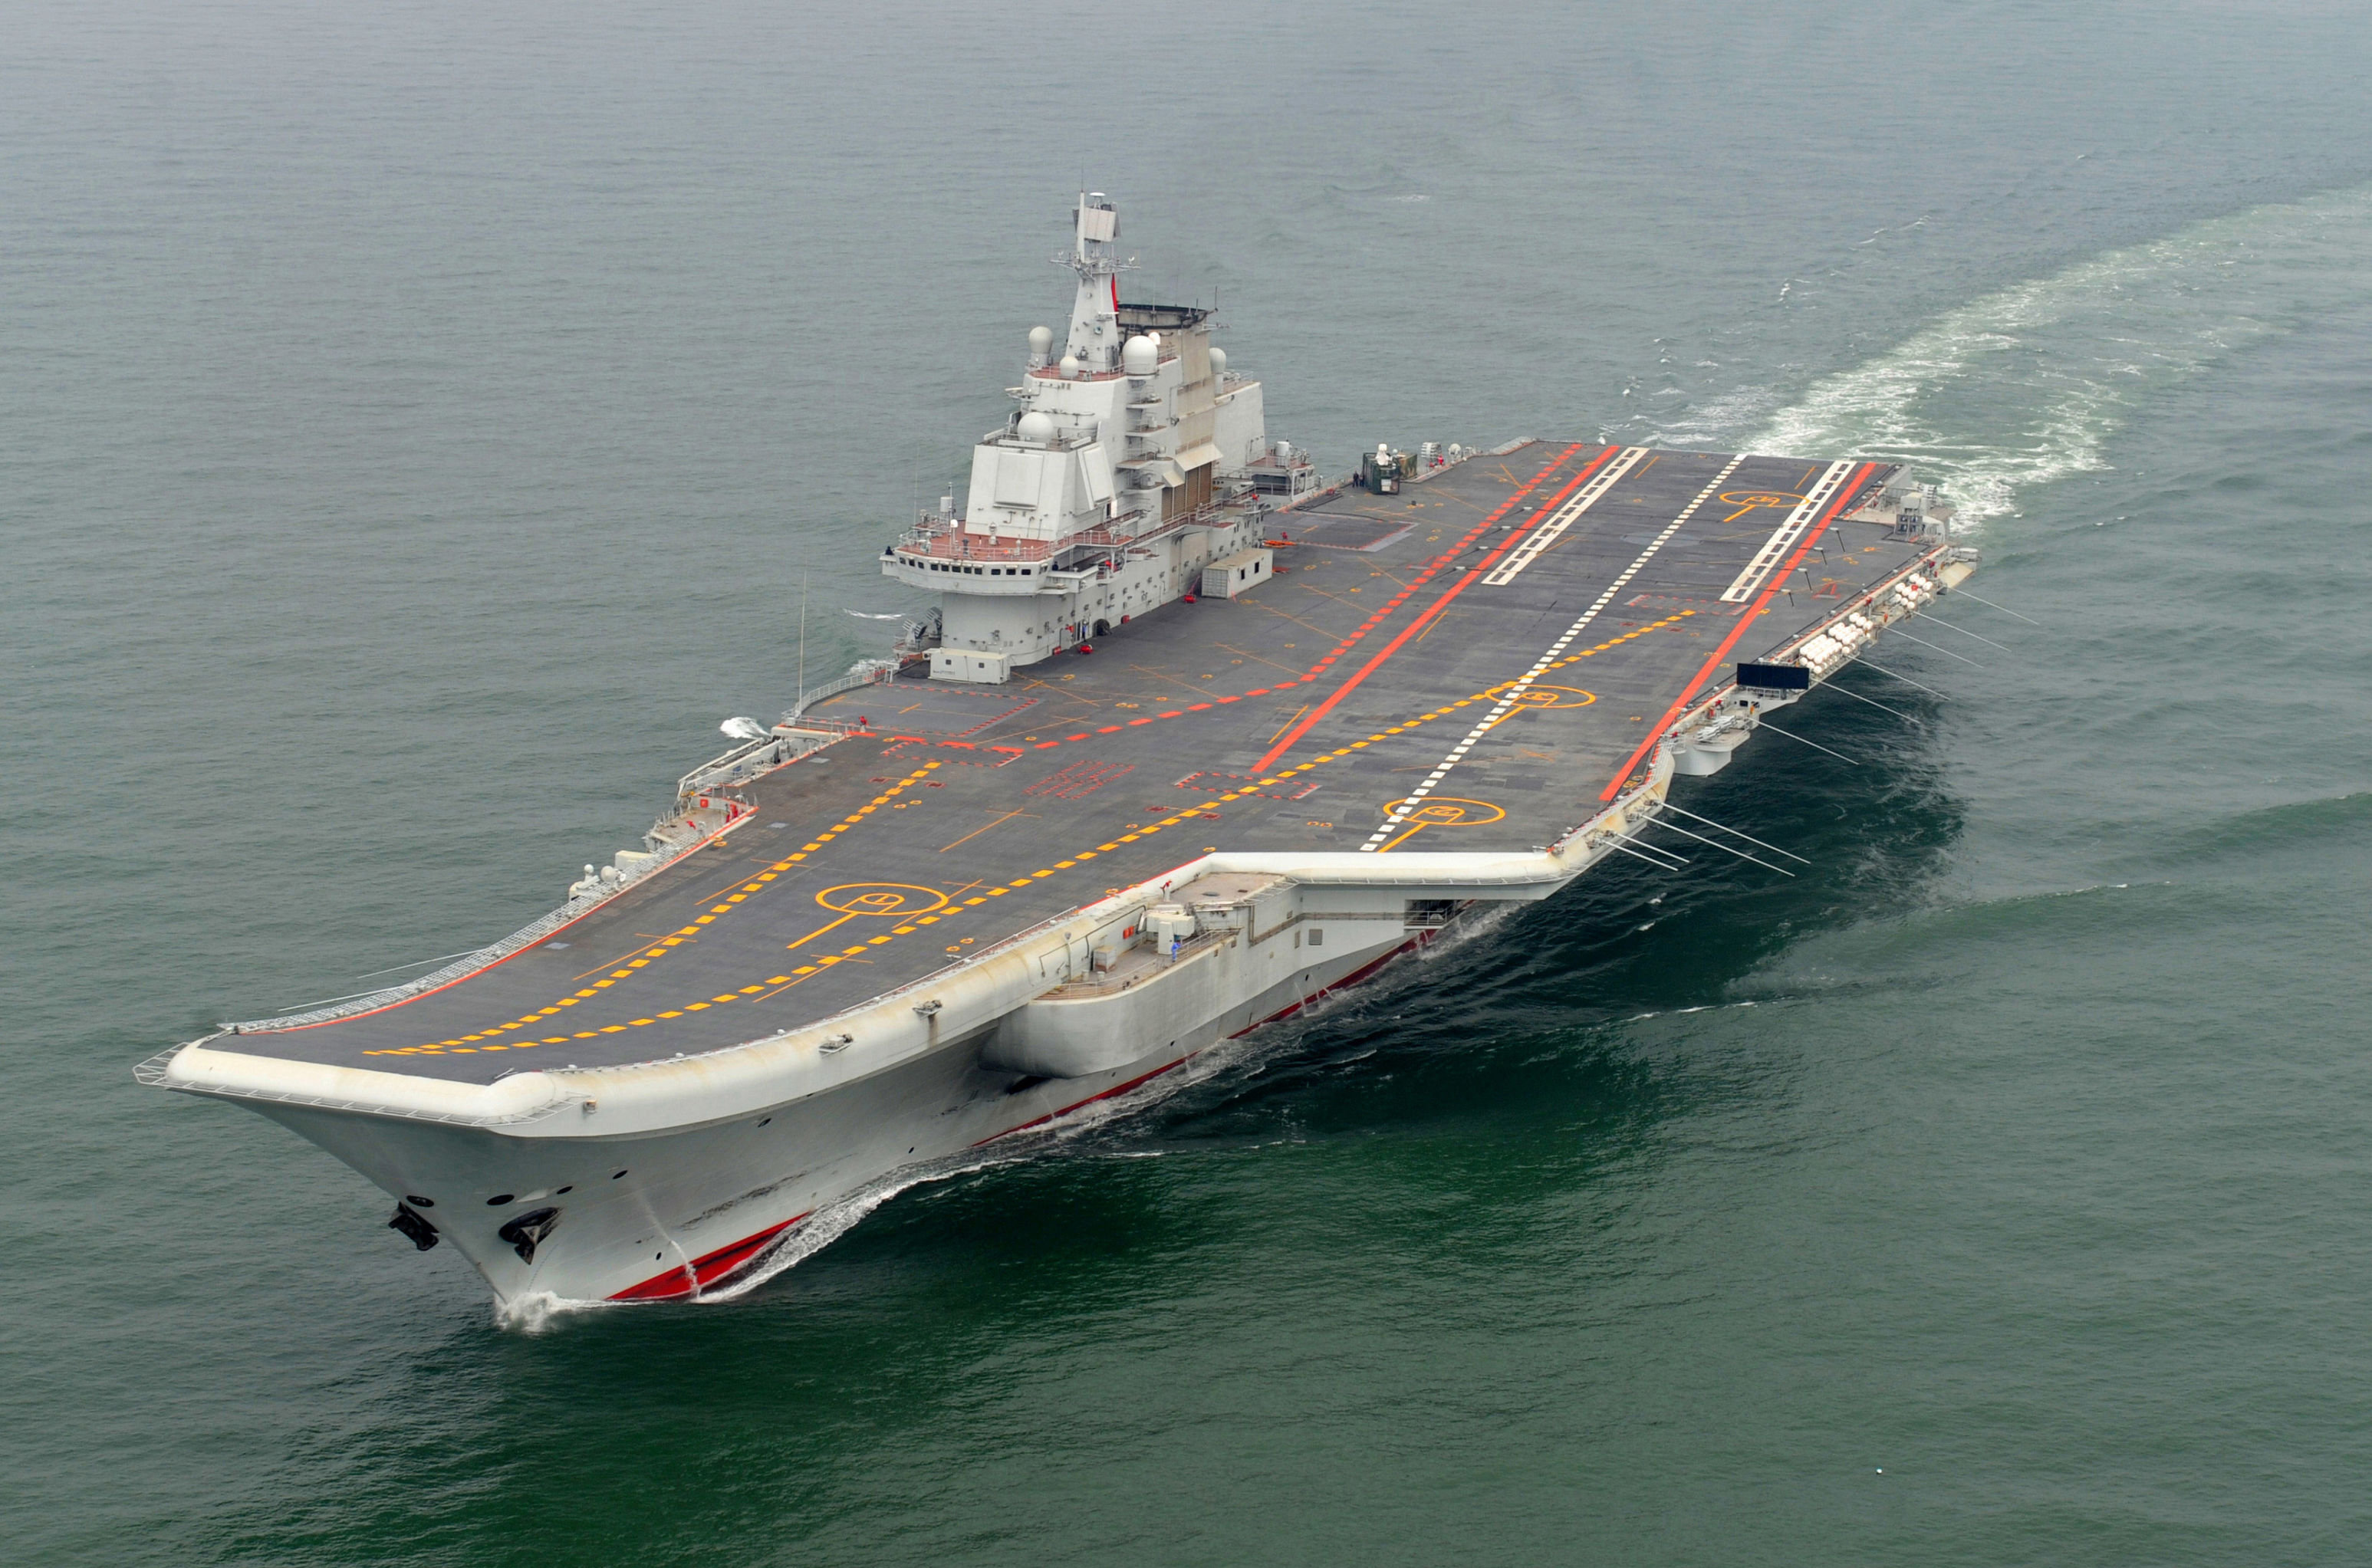 Prima portaerei della Marina Militare della Cina Liaoning (foto d'archivio)